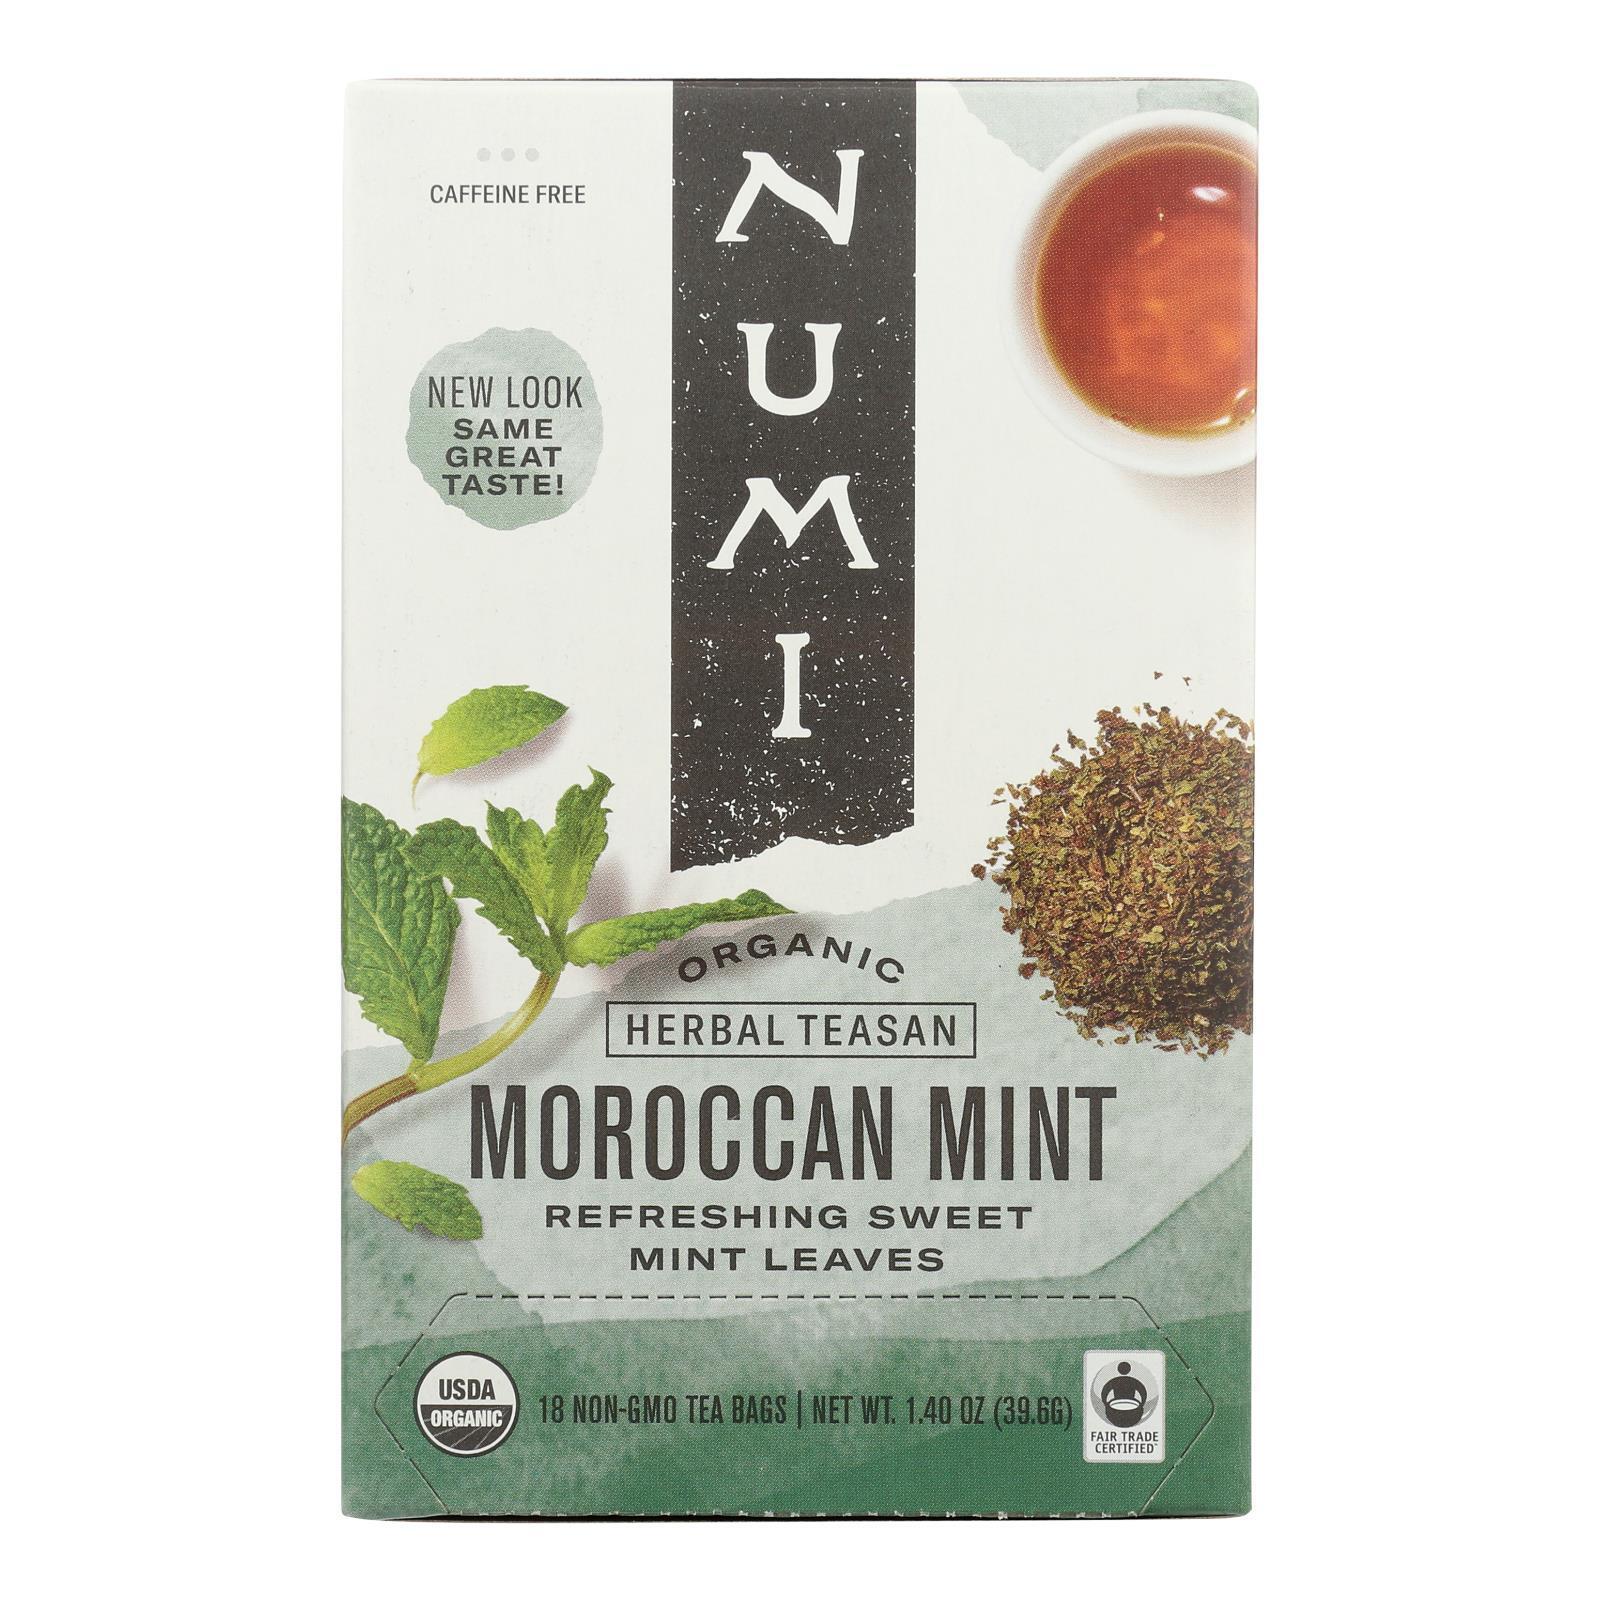 Numi Tea Moroccan Mint - Caffeine Free - 18 Bags